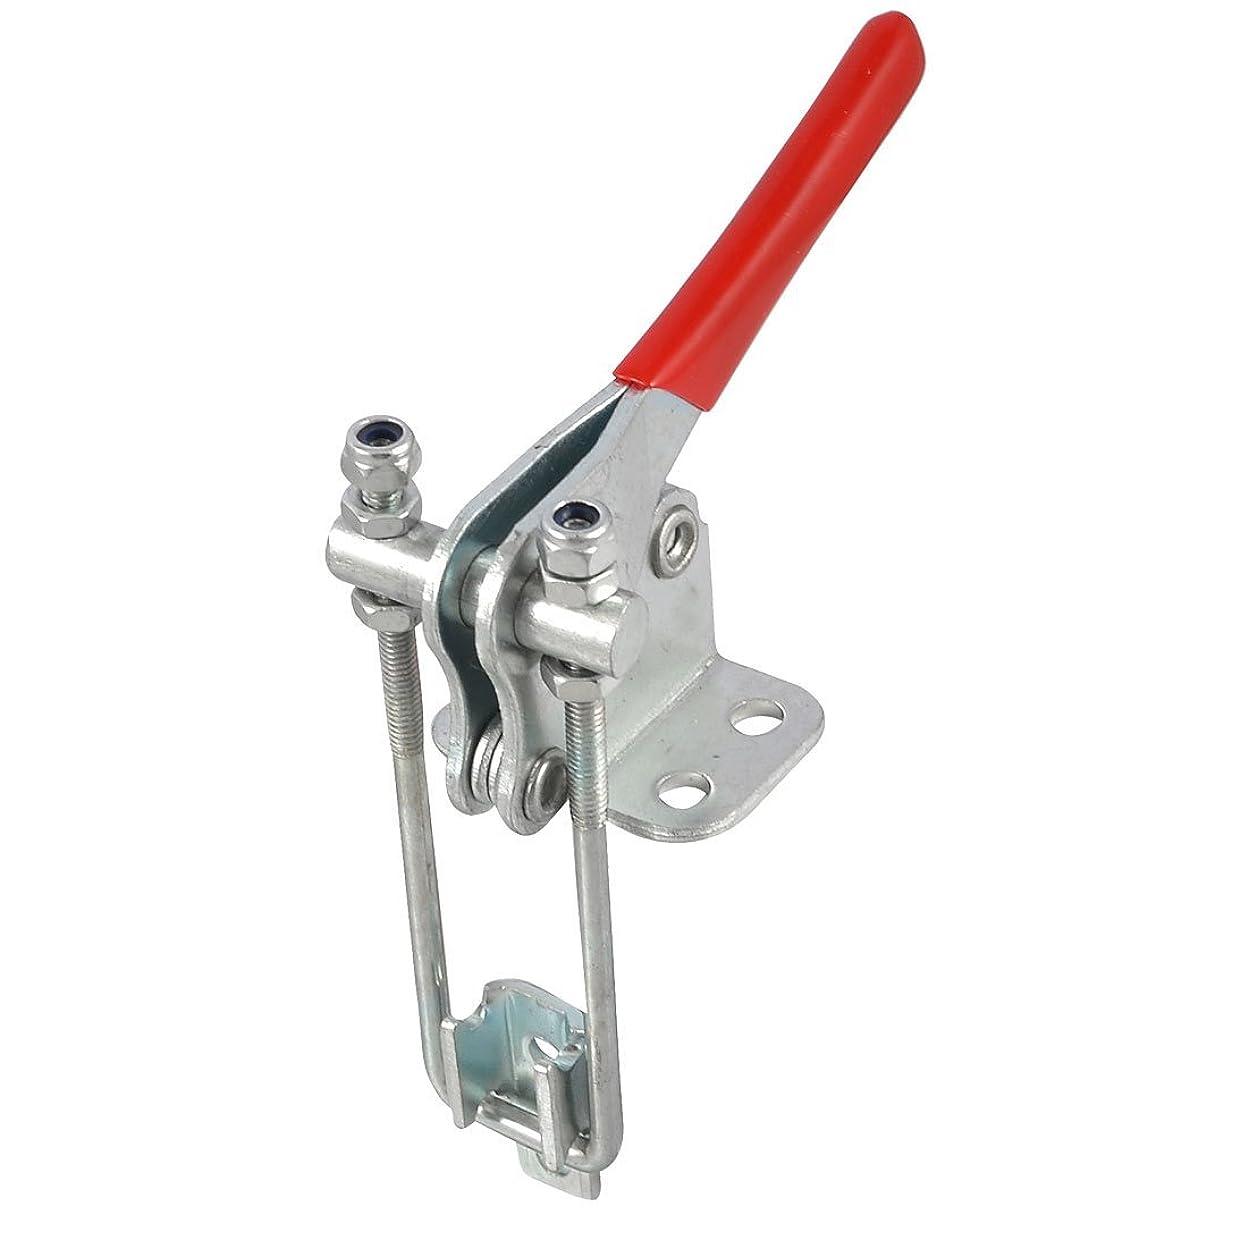 作業省見えるSODIAL(R) 496-ポンド保持能力 金属ラッチ アクショントグルクランプ